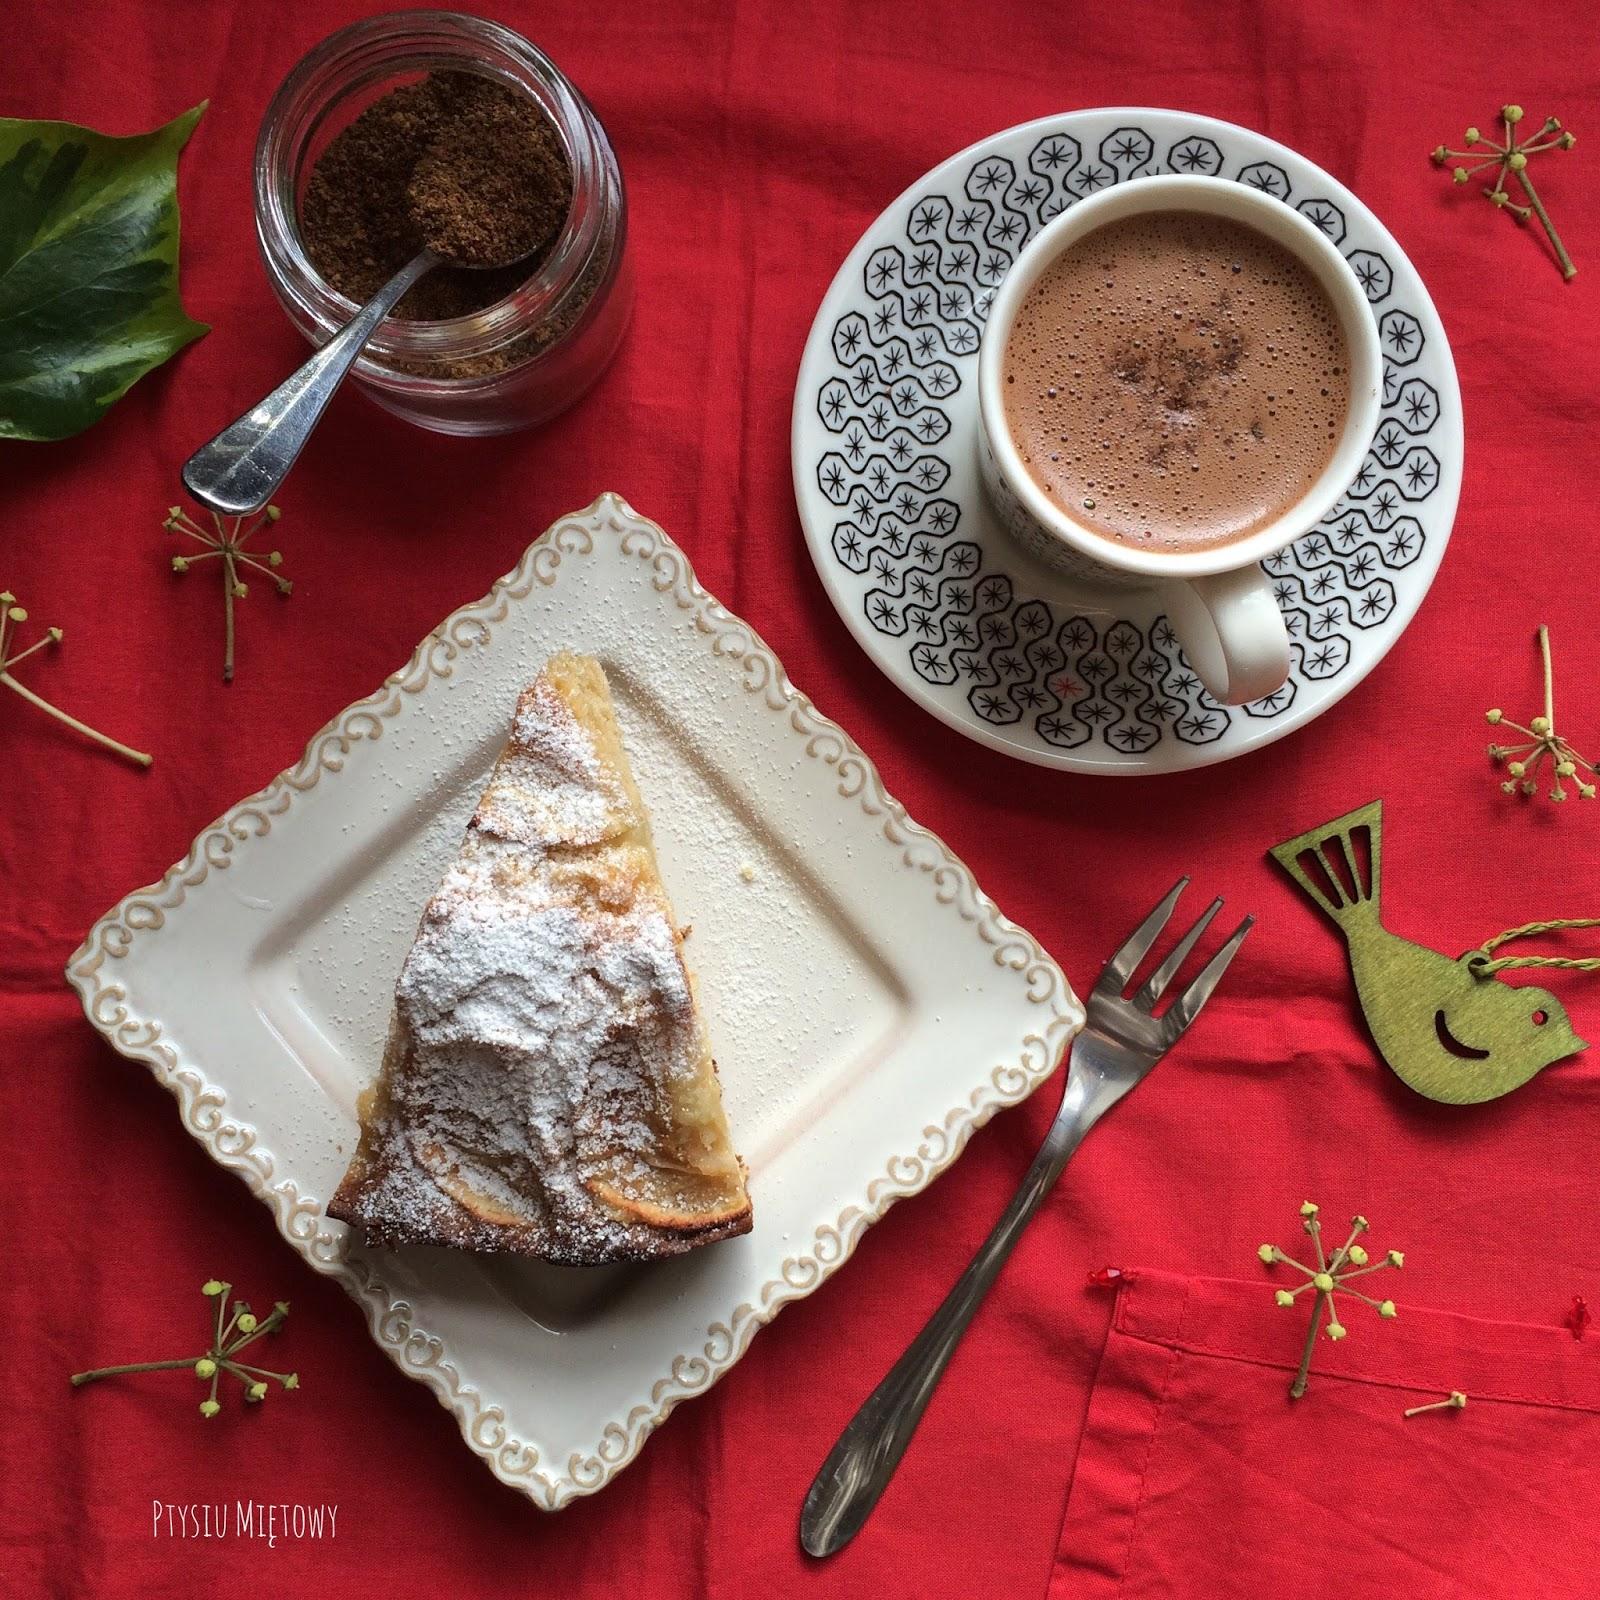 czekolada, ptysiu mietowy